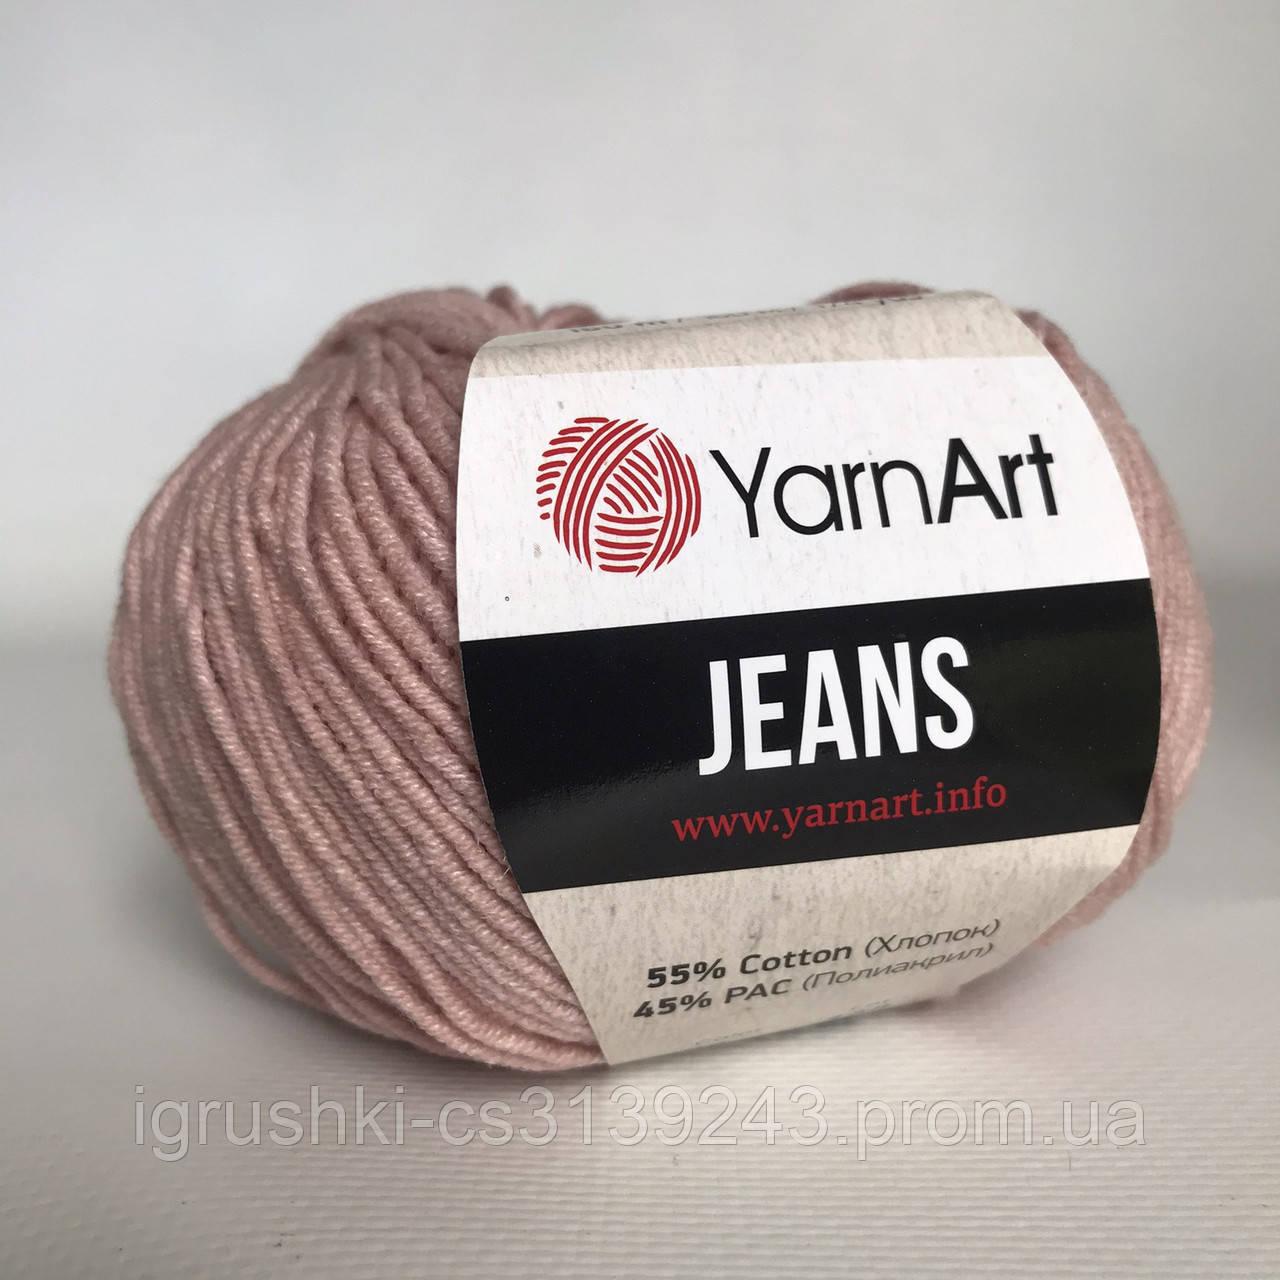 YarnArt Jeans (ярнарт джинс) 83 Пыльная роза